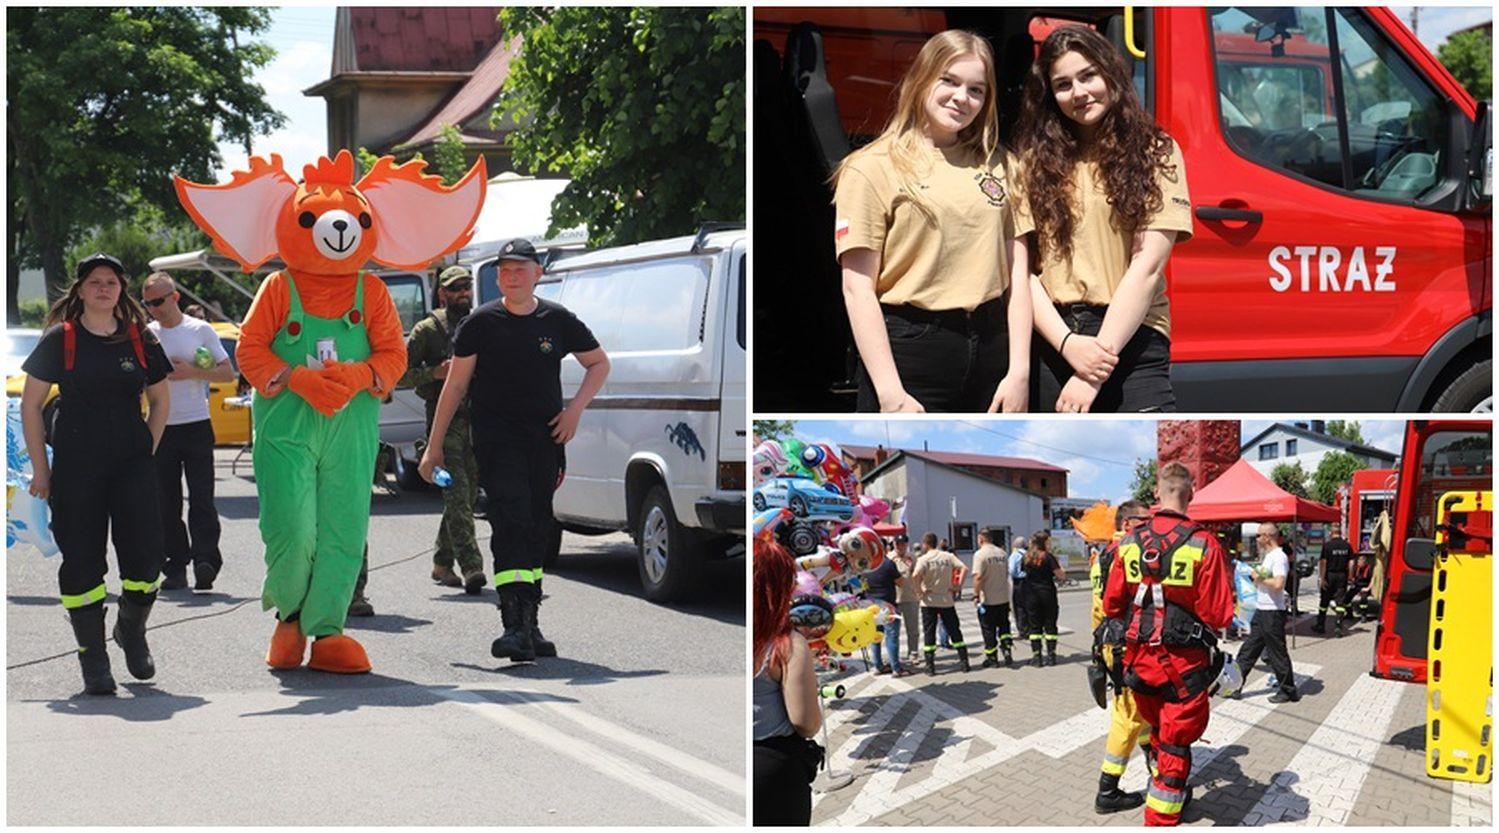 Duża impreza w Żychlinie. Strażacy przygotowali masę atrakcji! [ZDJĘCIA] - Zdjęcie główne